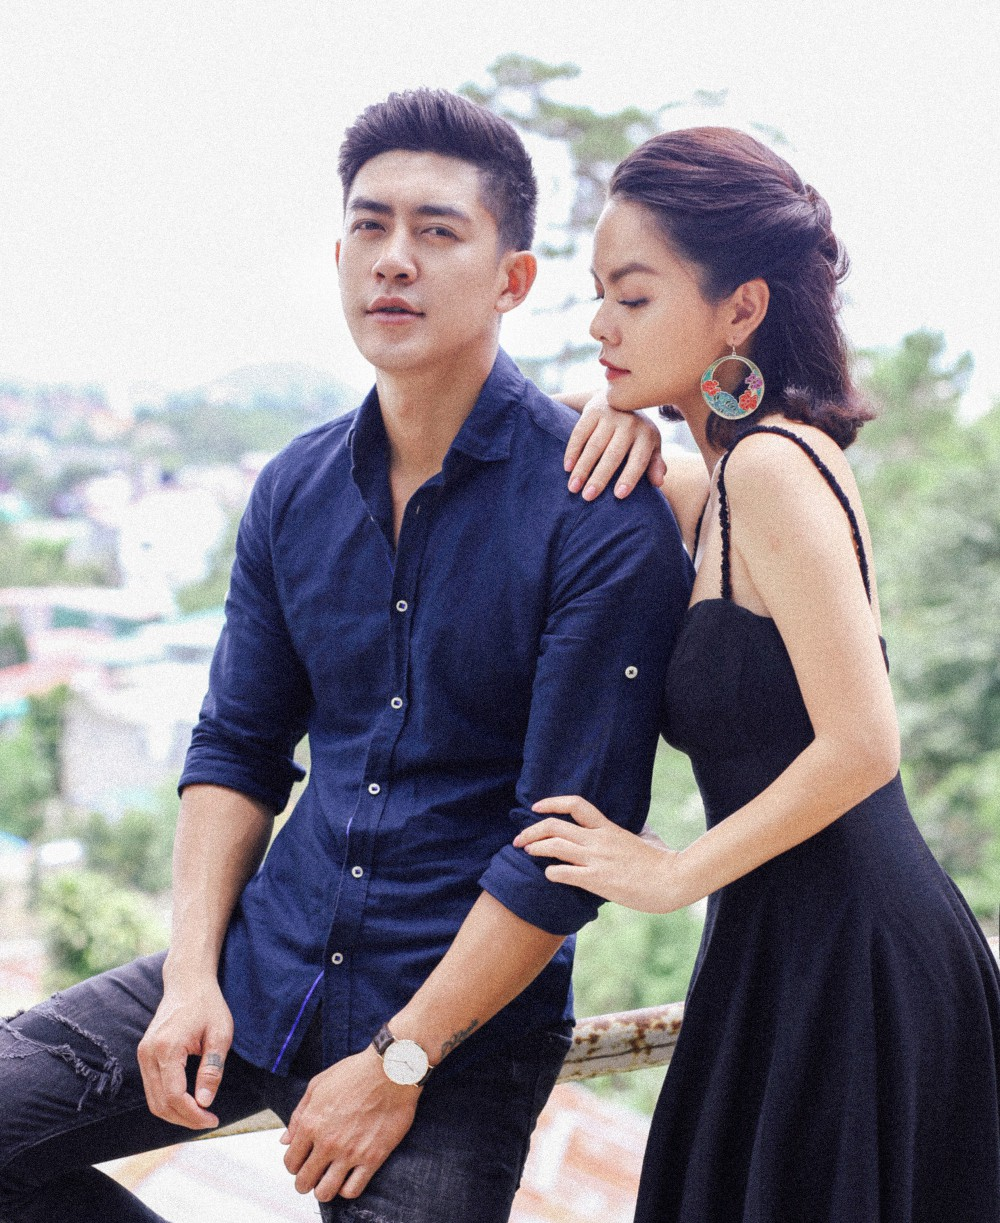 Sau 8 năm, Phạm Quỳnh Anh tiếp tục tái ngộ tình cũ Cao Lâm Viên trong MV trở lại - Ảnh 2.